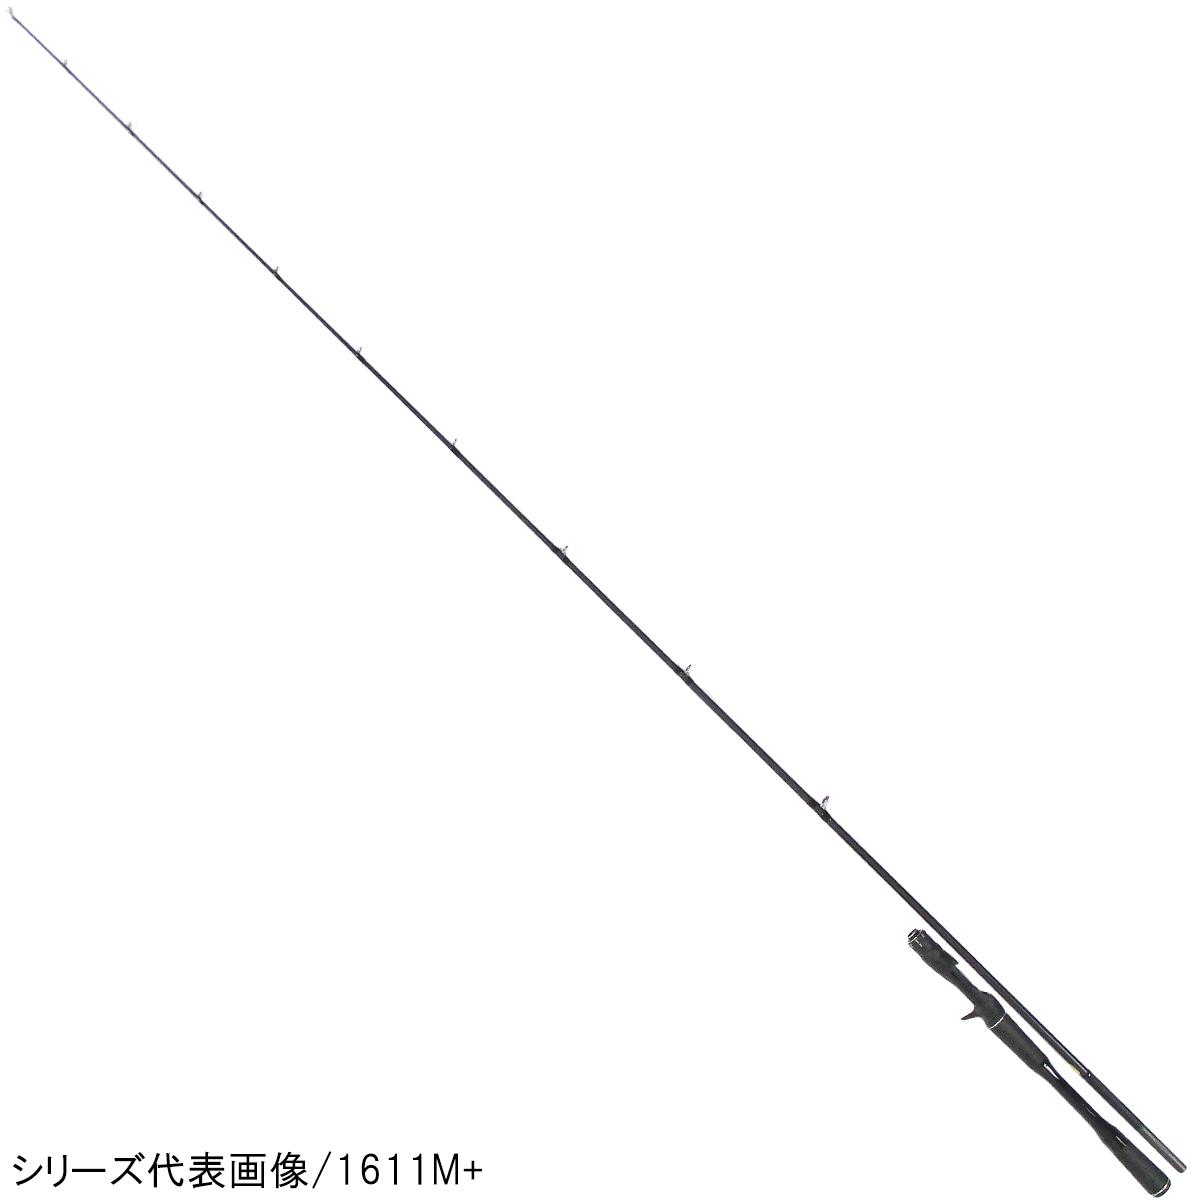 シマノ ポイズンアドレナ (ベイト) 174H-LM【大型商品】(東日本店)